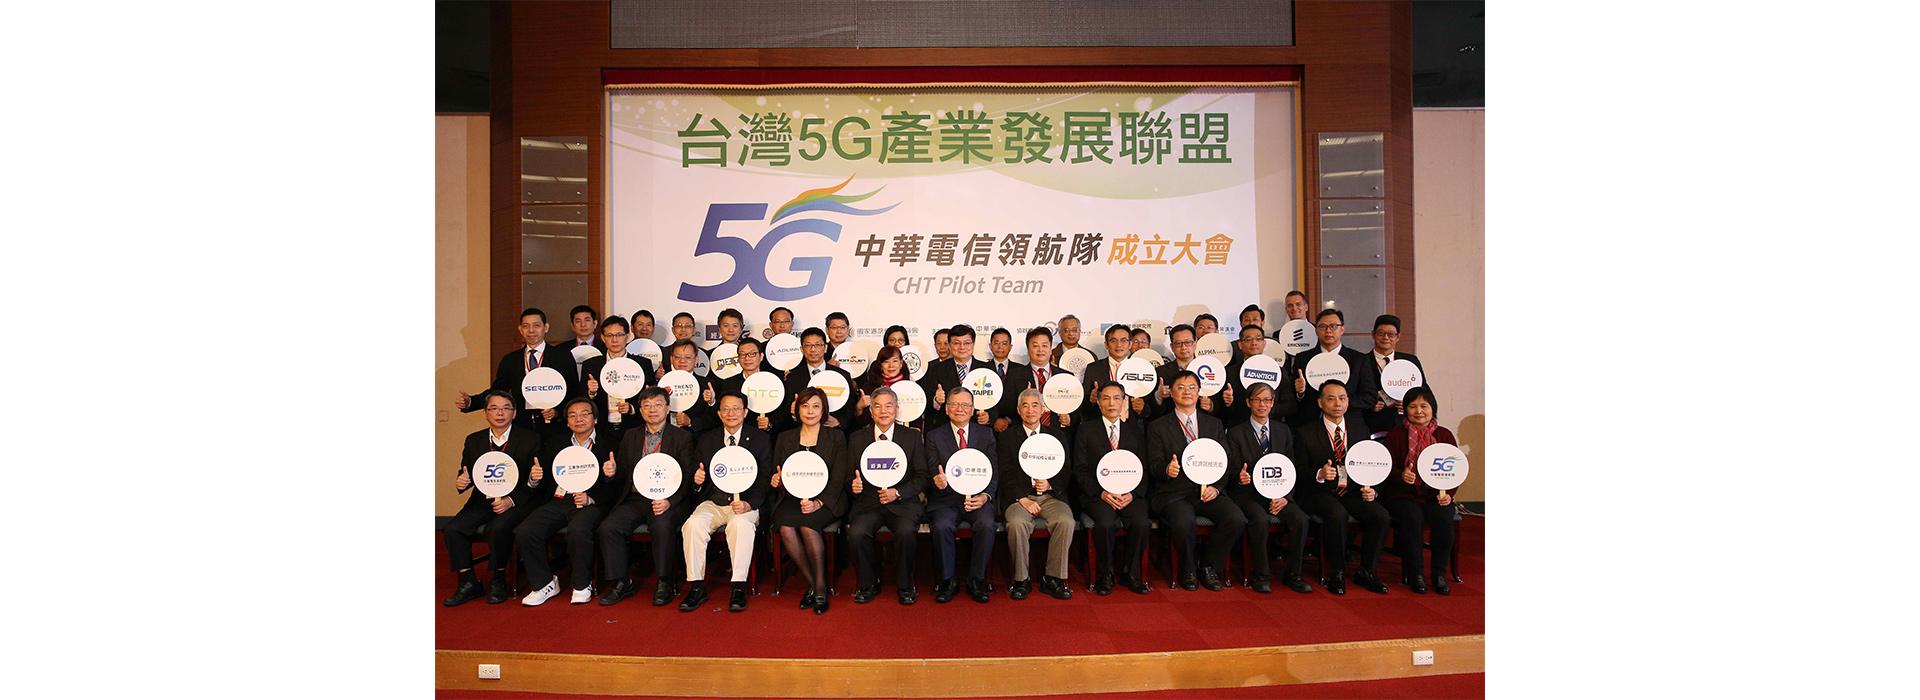 中華電信領航5G 預見10年後的台灣